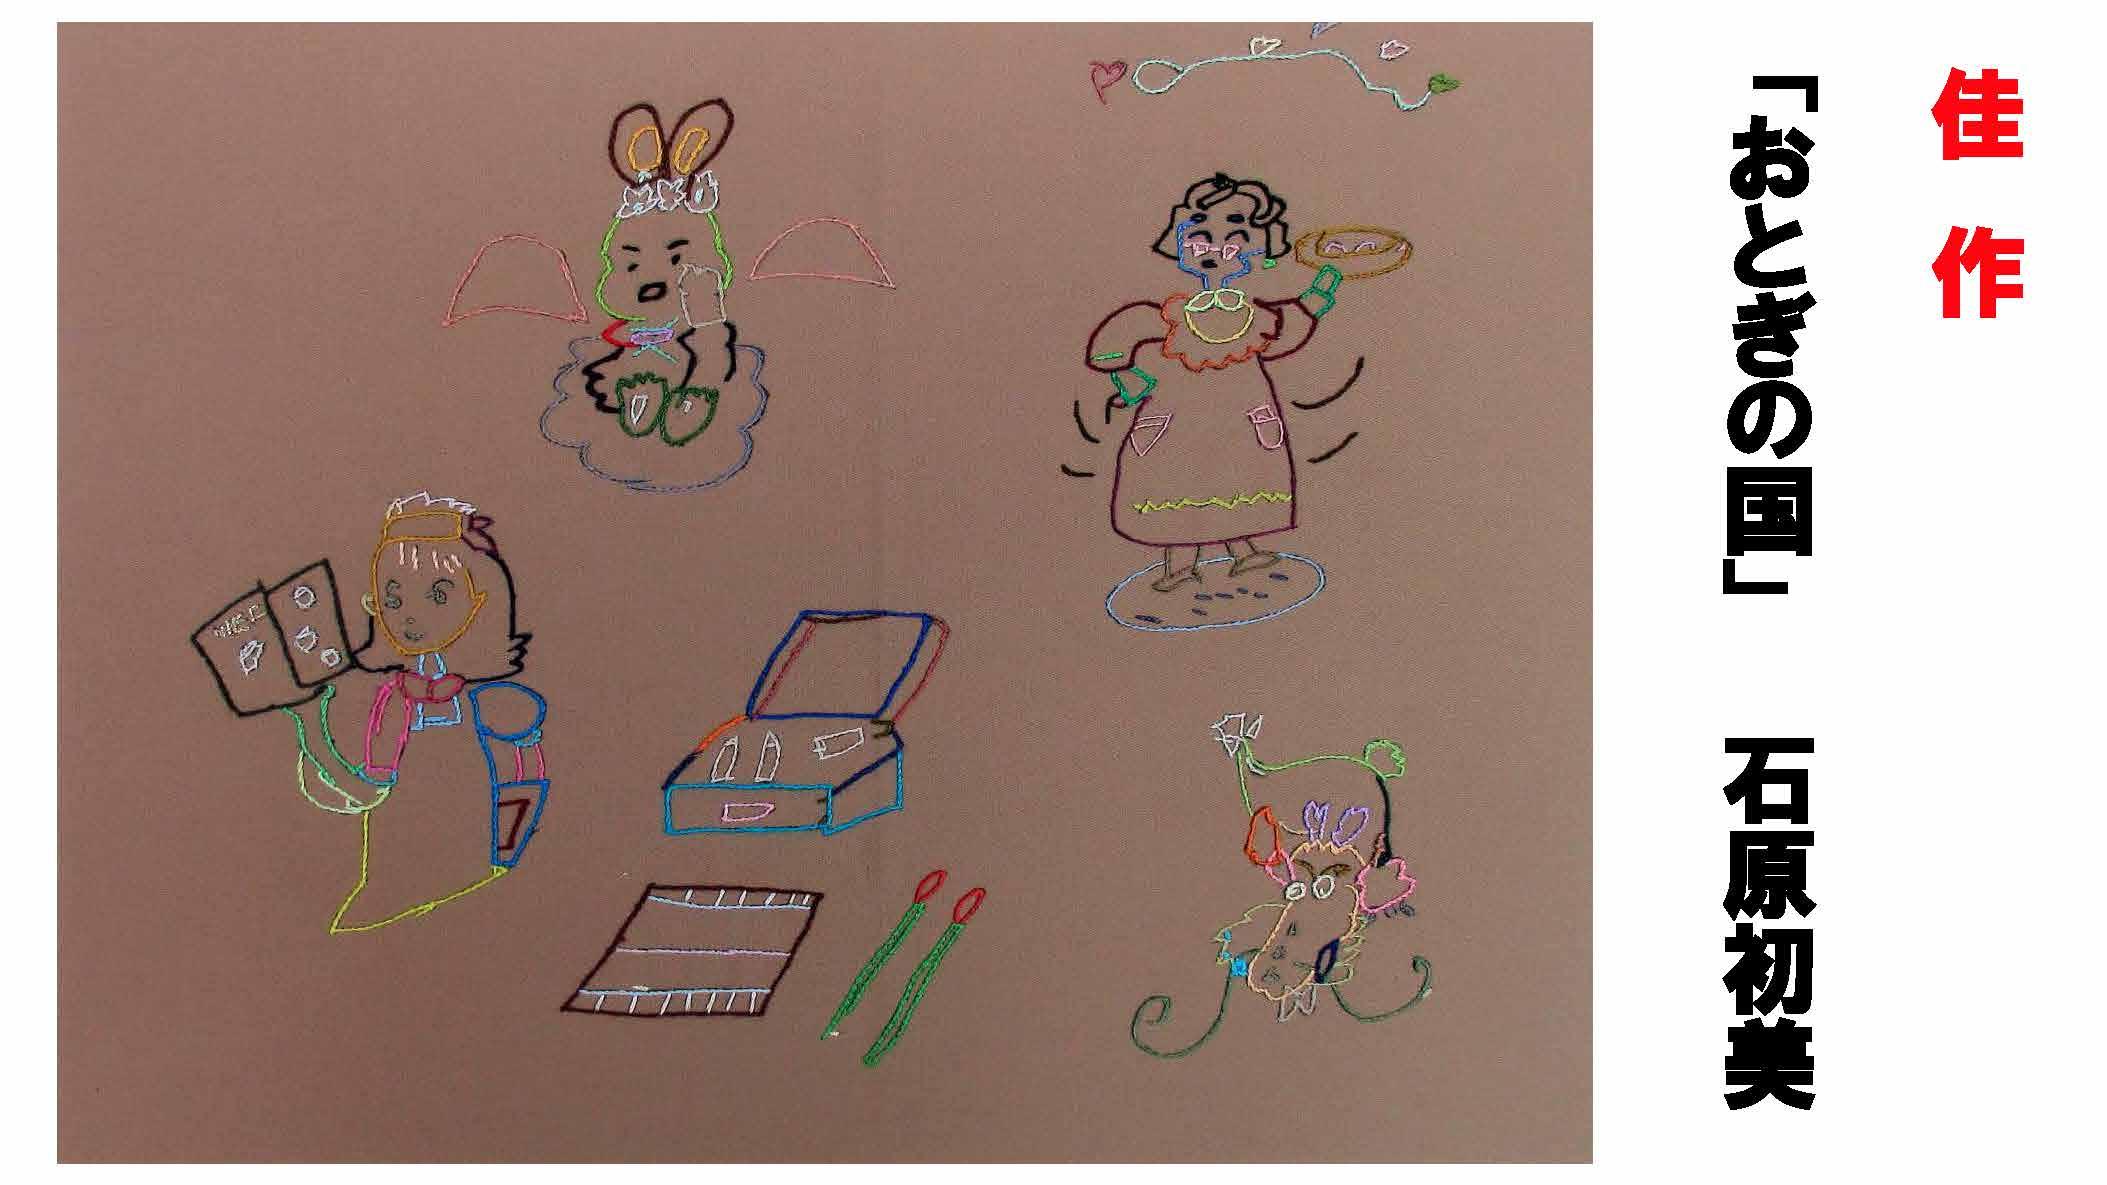 第8回ぼくらのアート展 受賞作品集(印刷用)_ページ_10